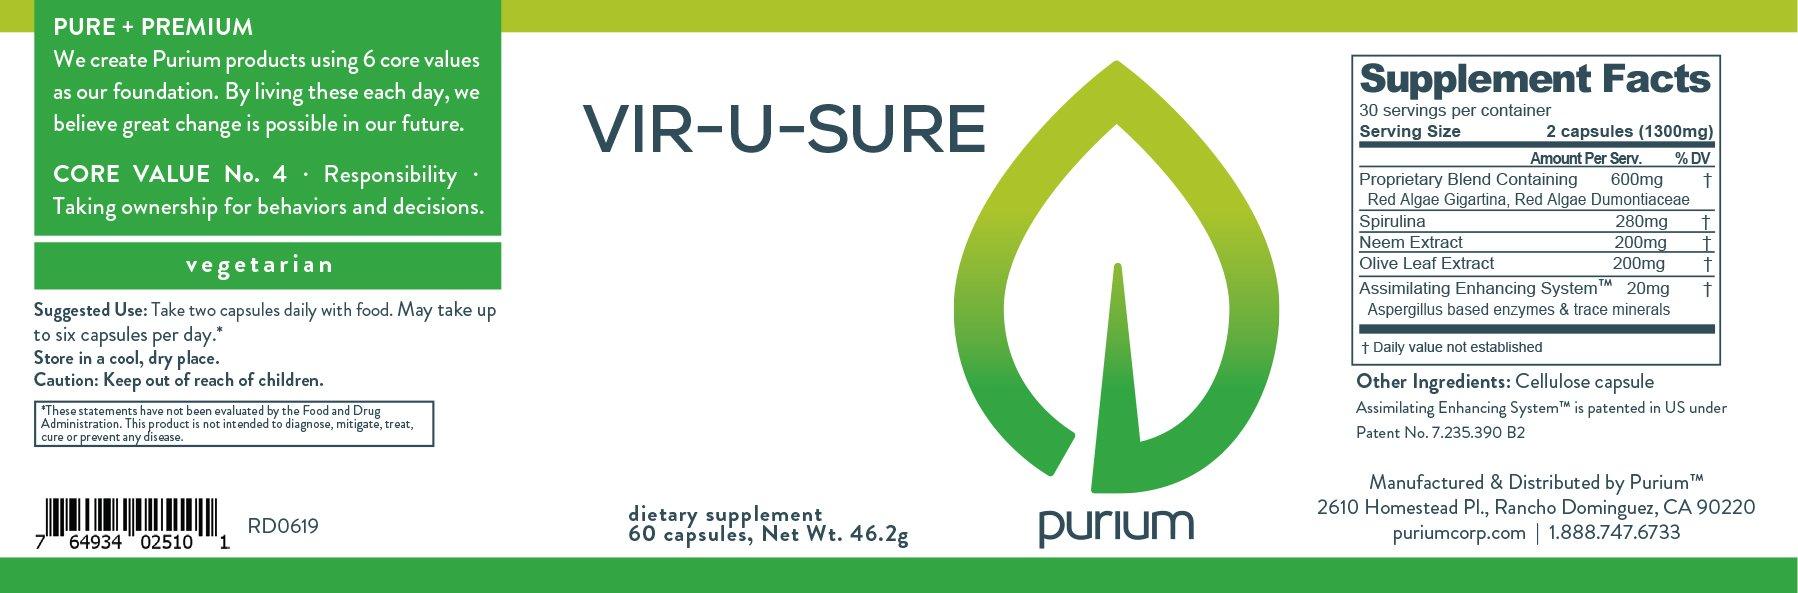 Purium Vir-U-Sure - 60 ct